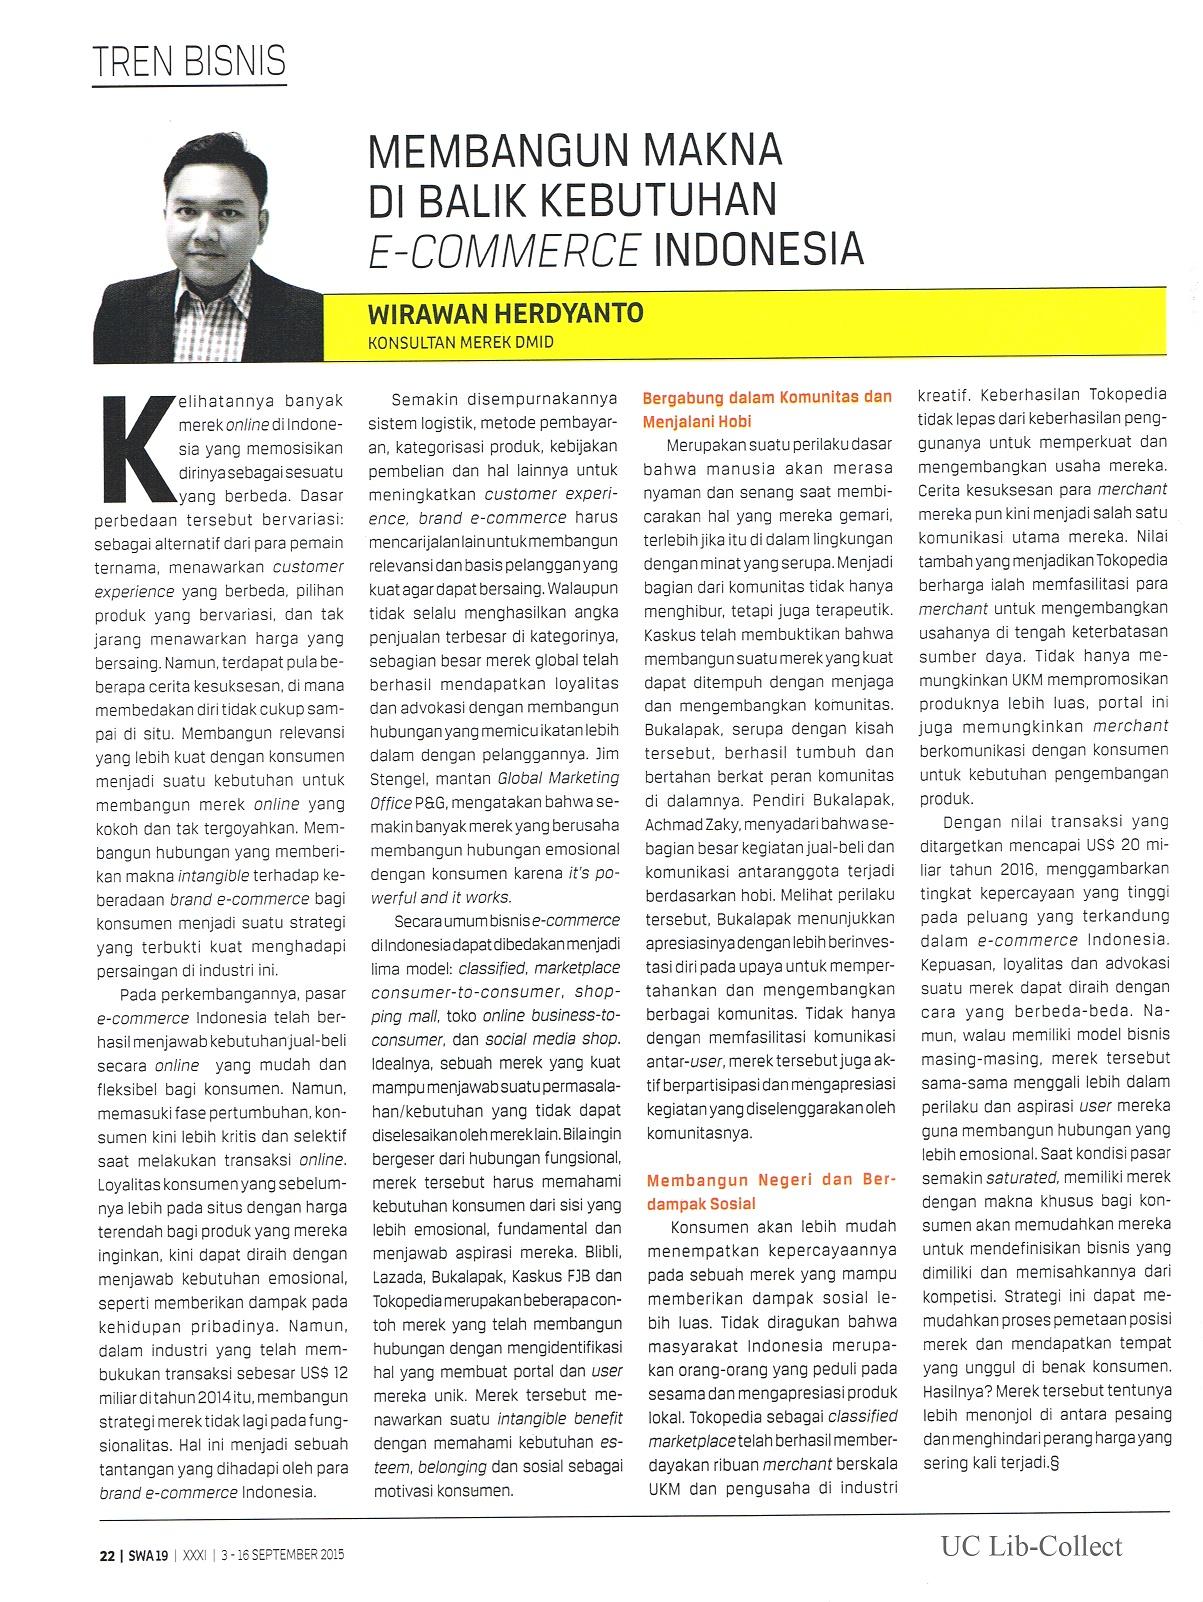 Membangun Makna di Balik Kebutuhan E-Commerce Indonesia.SWA. No.19.3-16 September 2015.Hal.22